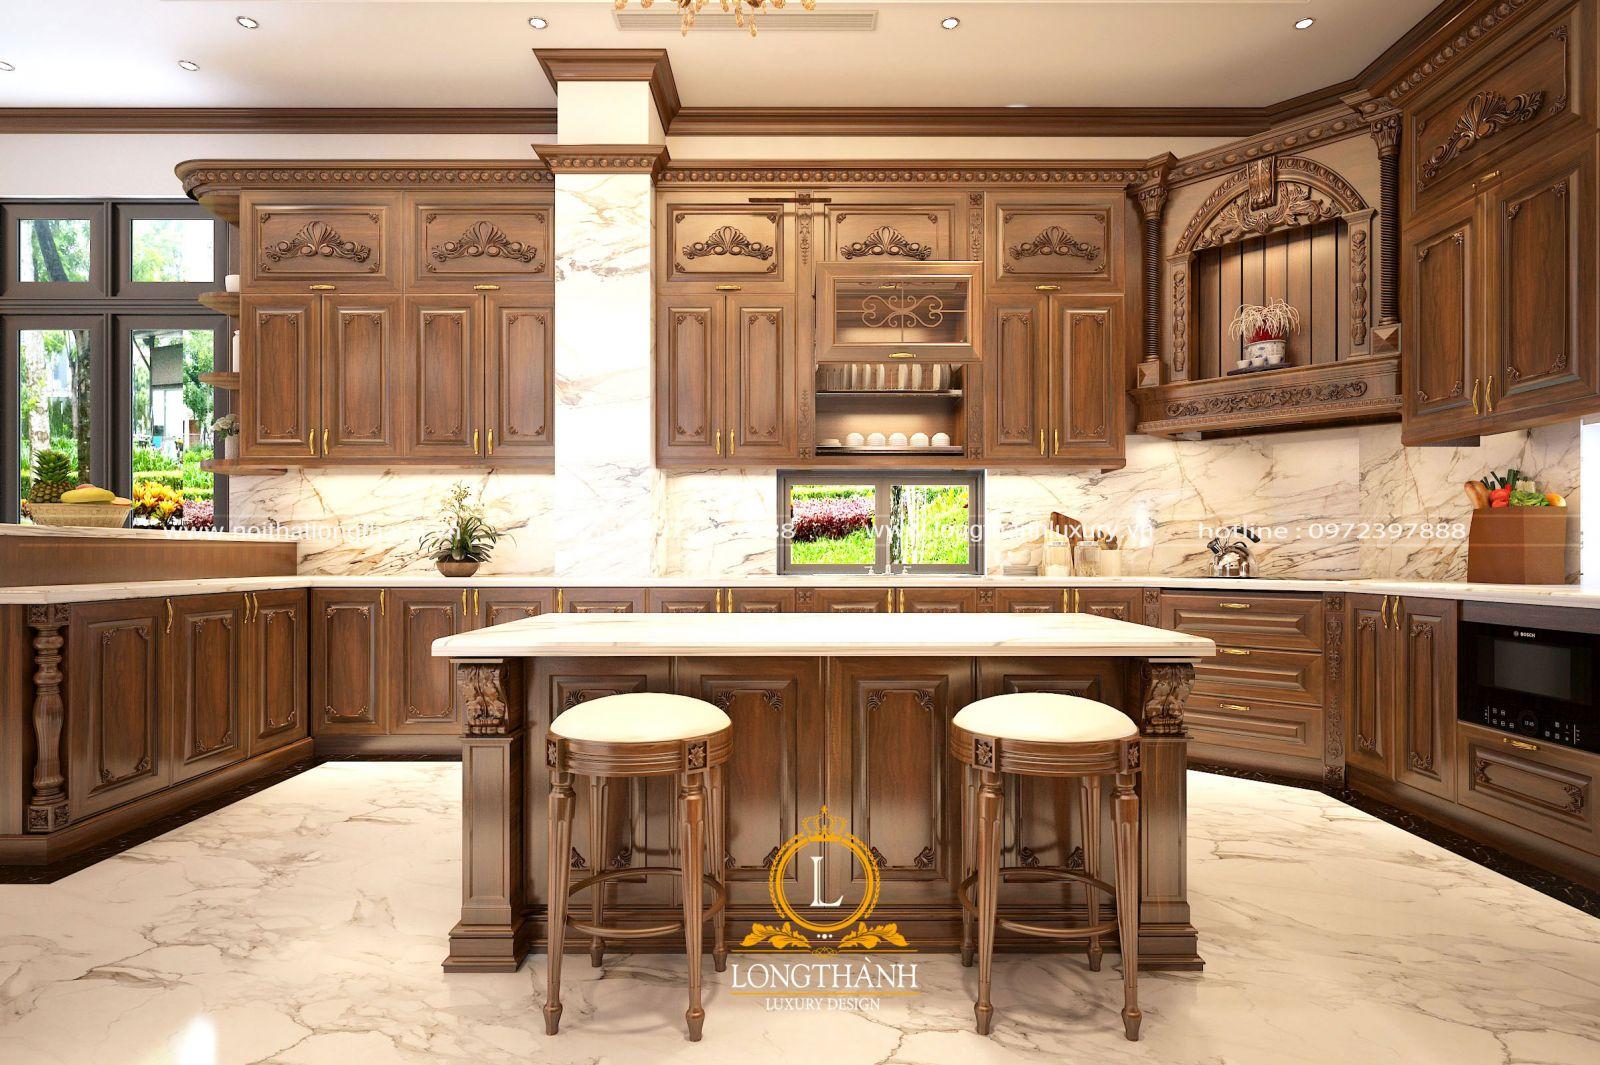 Bộ tủ bếp với thiết kế tân cổ điển sang trọng